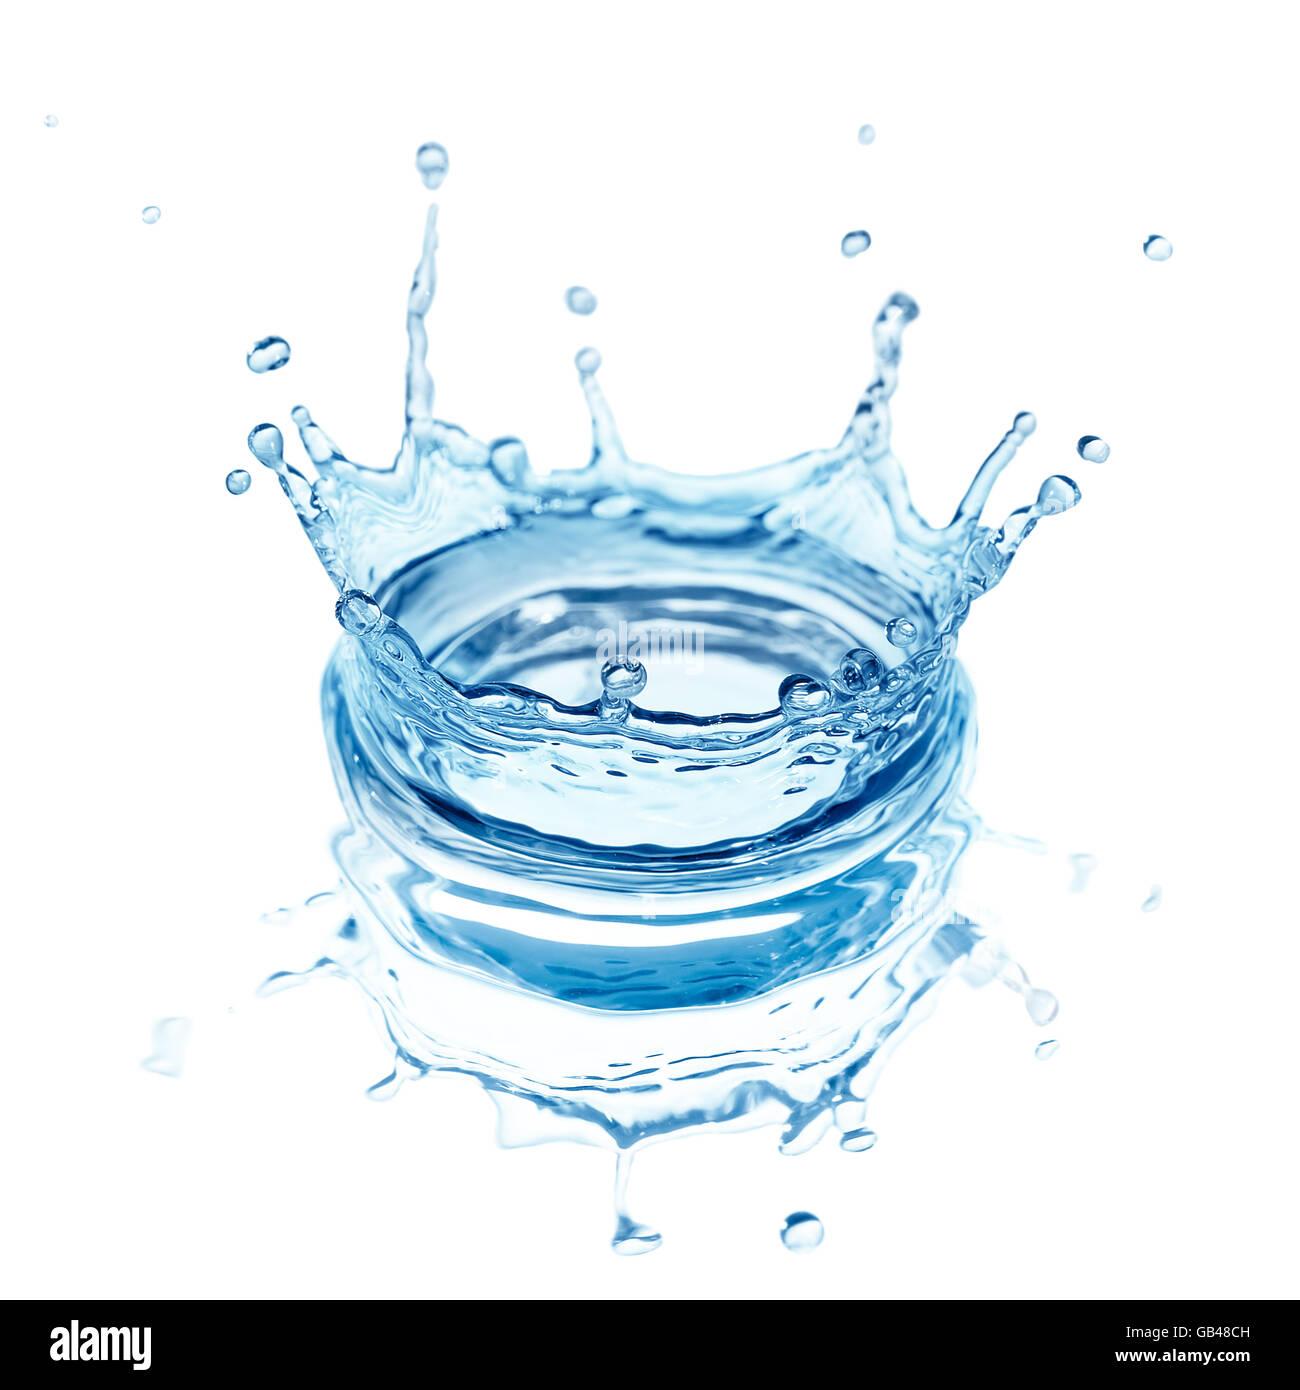 Spritzwasser isoliert auf weißem Hintergrund Stockbild